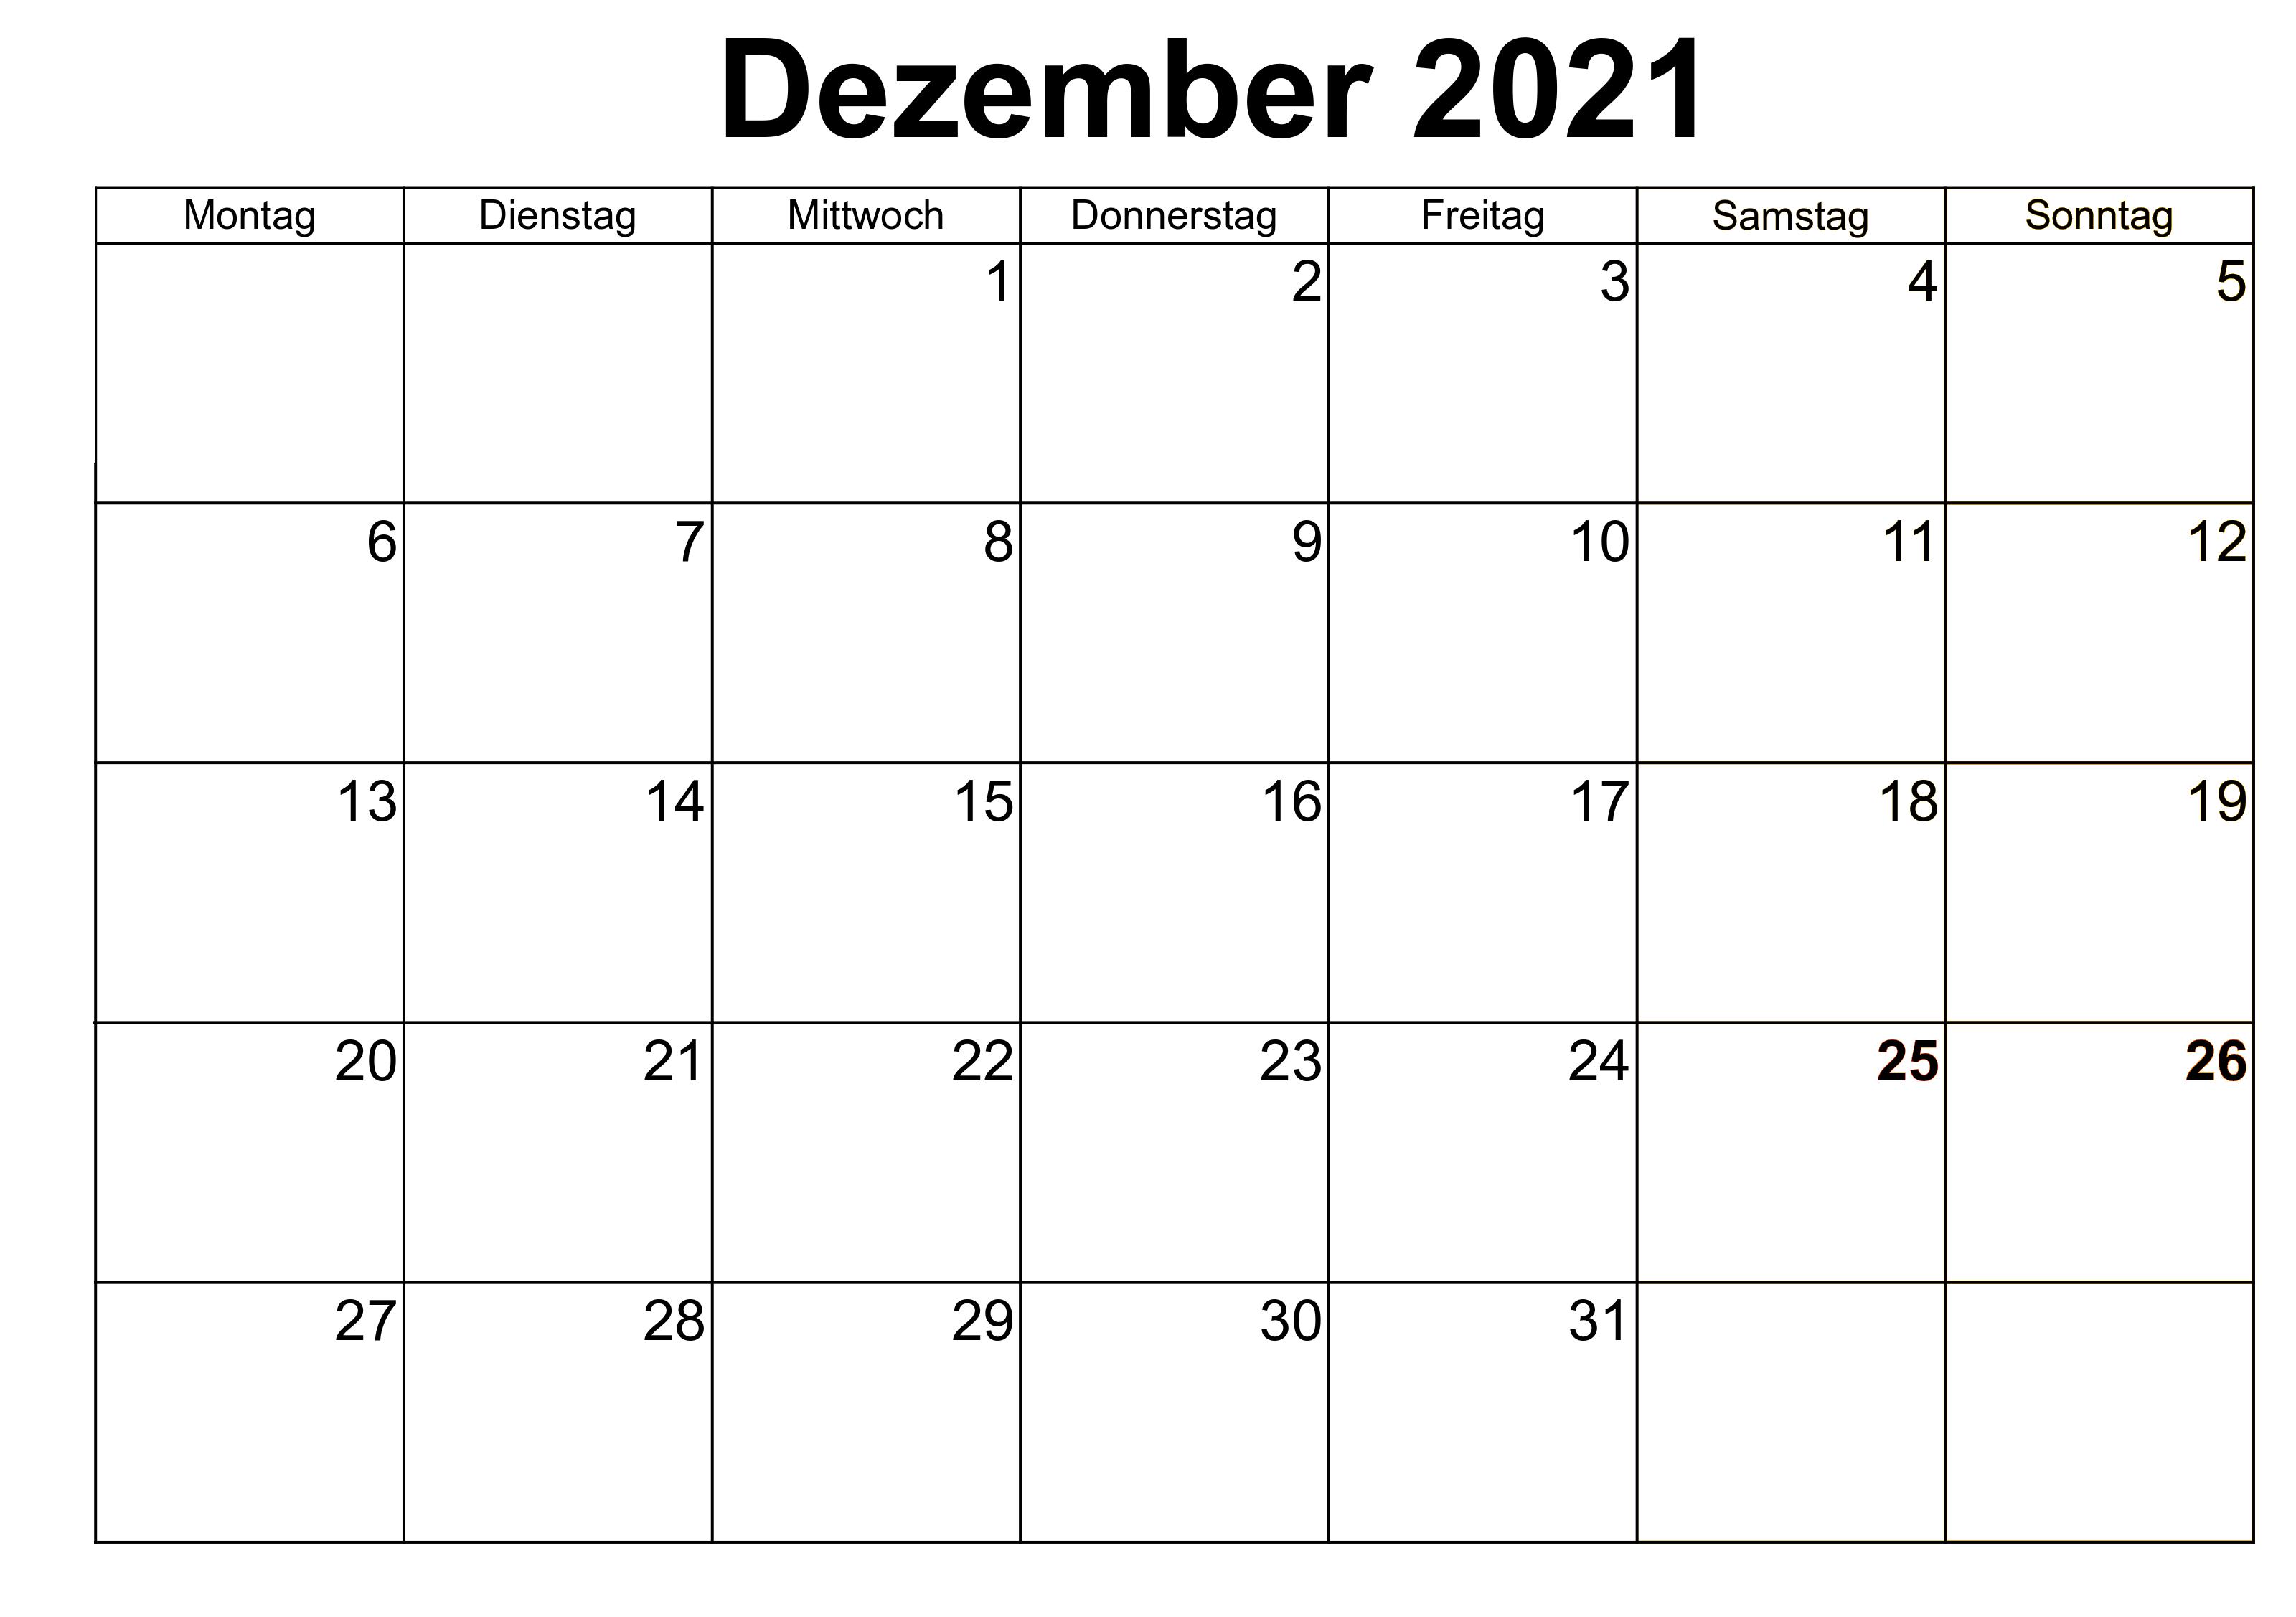 Monats Dezember 2021 Kalender